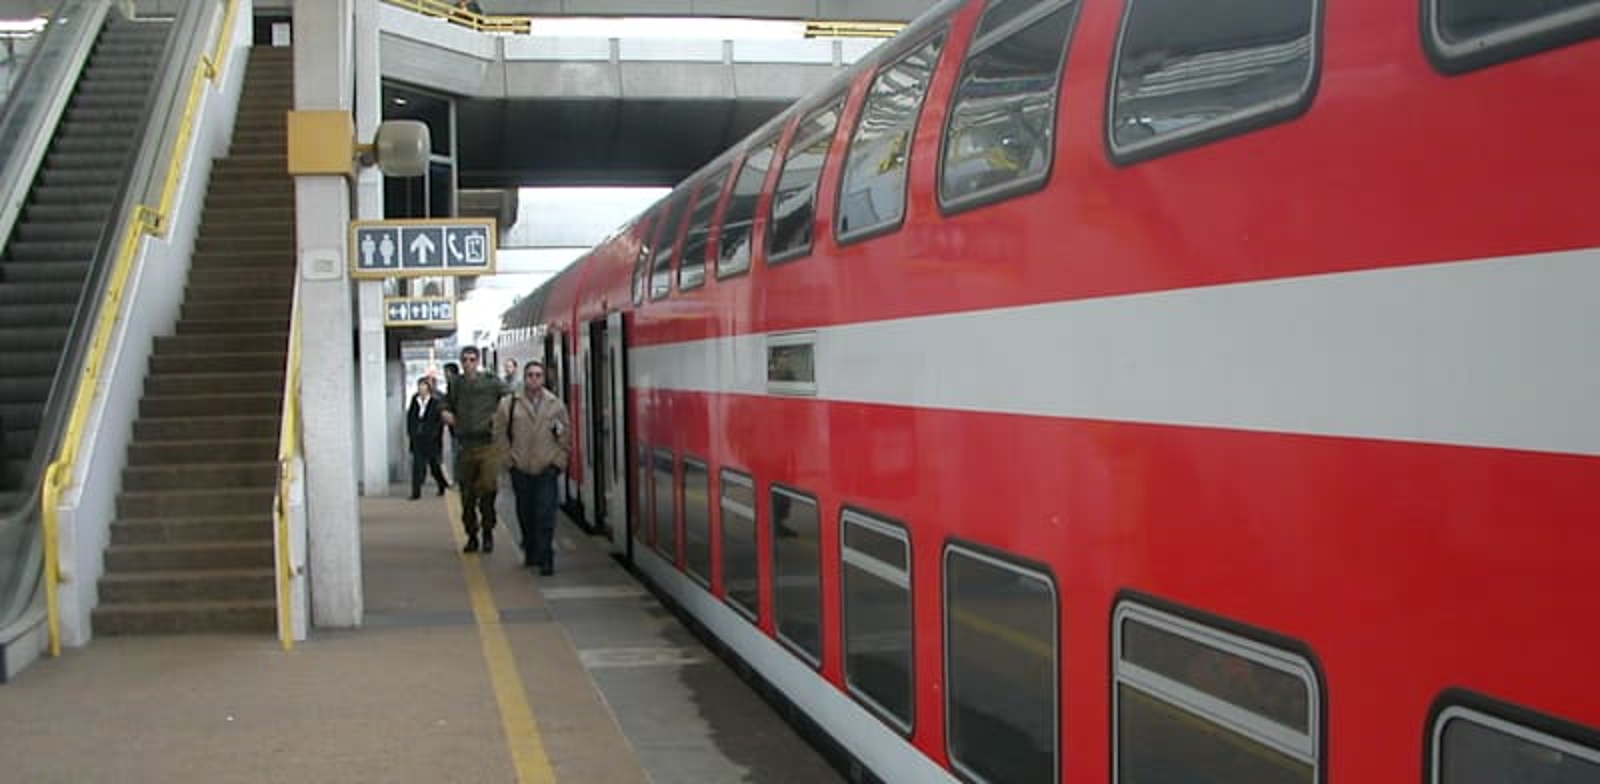 רכבת ישראל / צילום: צח בר-מנשה